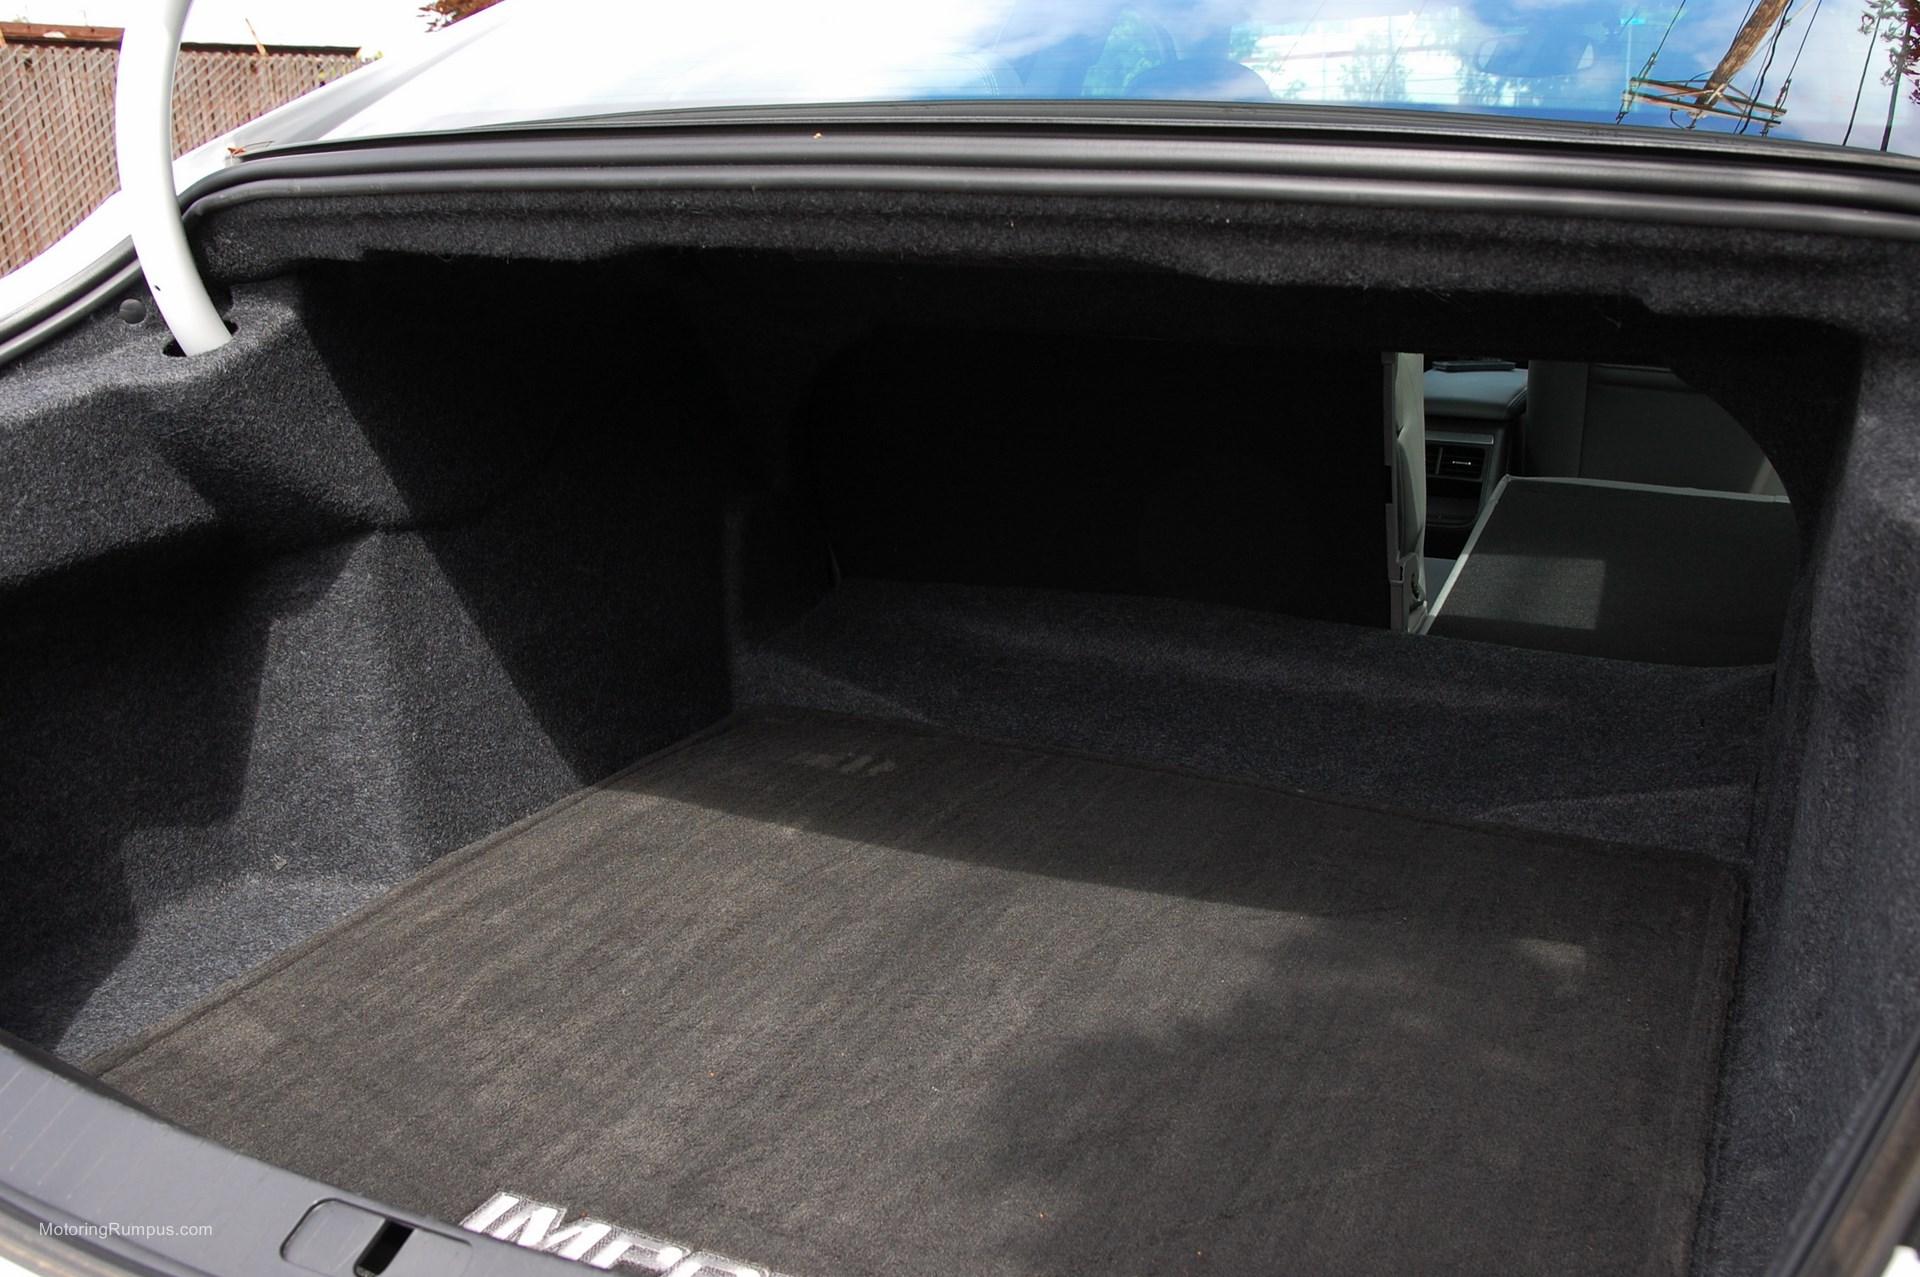 2014 Chevy Impala Folded Rear Seat